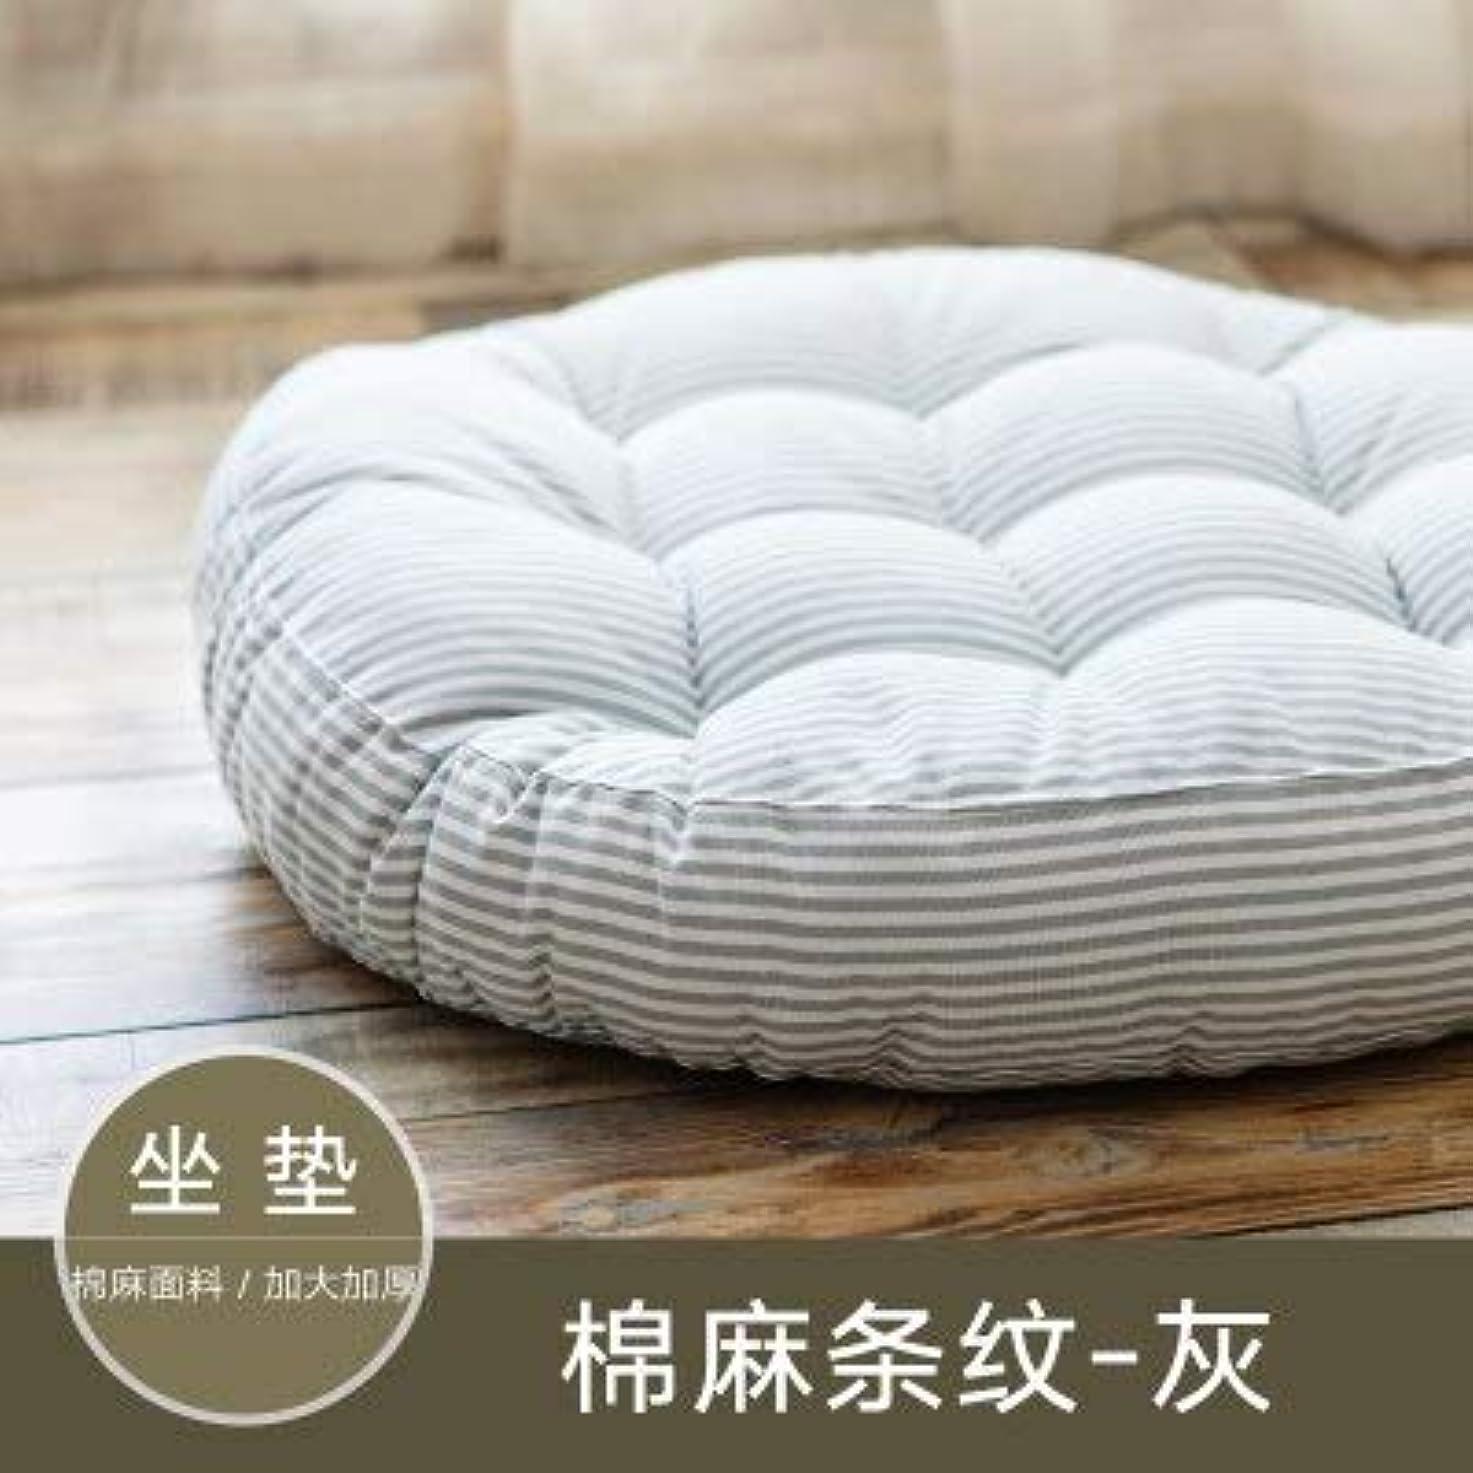 所持ラショナル本物のLIFE ラウンド厚い椅子のクッションフロアマットレスシートパッドソフトホームオフィスチェアクッションマットソフトスロー枕最高品質の床クッション クッション 椅子